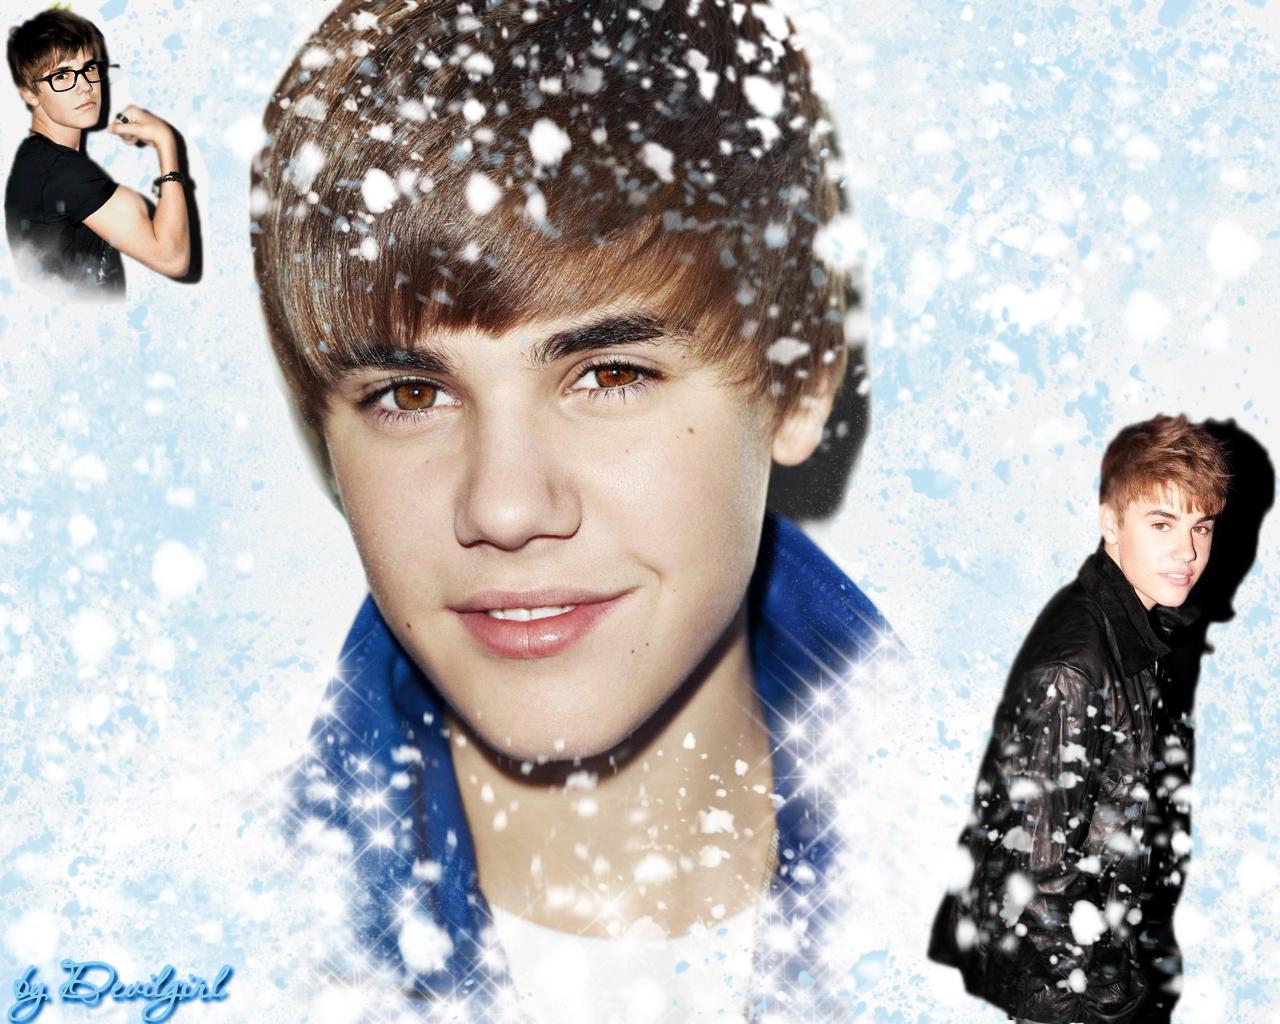 Justin Timberlake Background Wallpaper